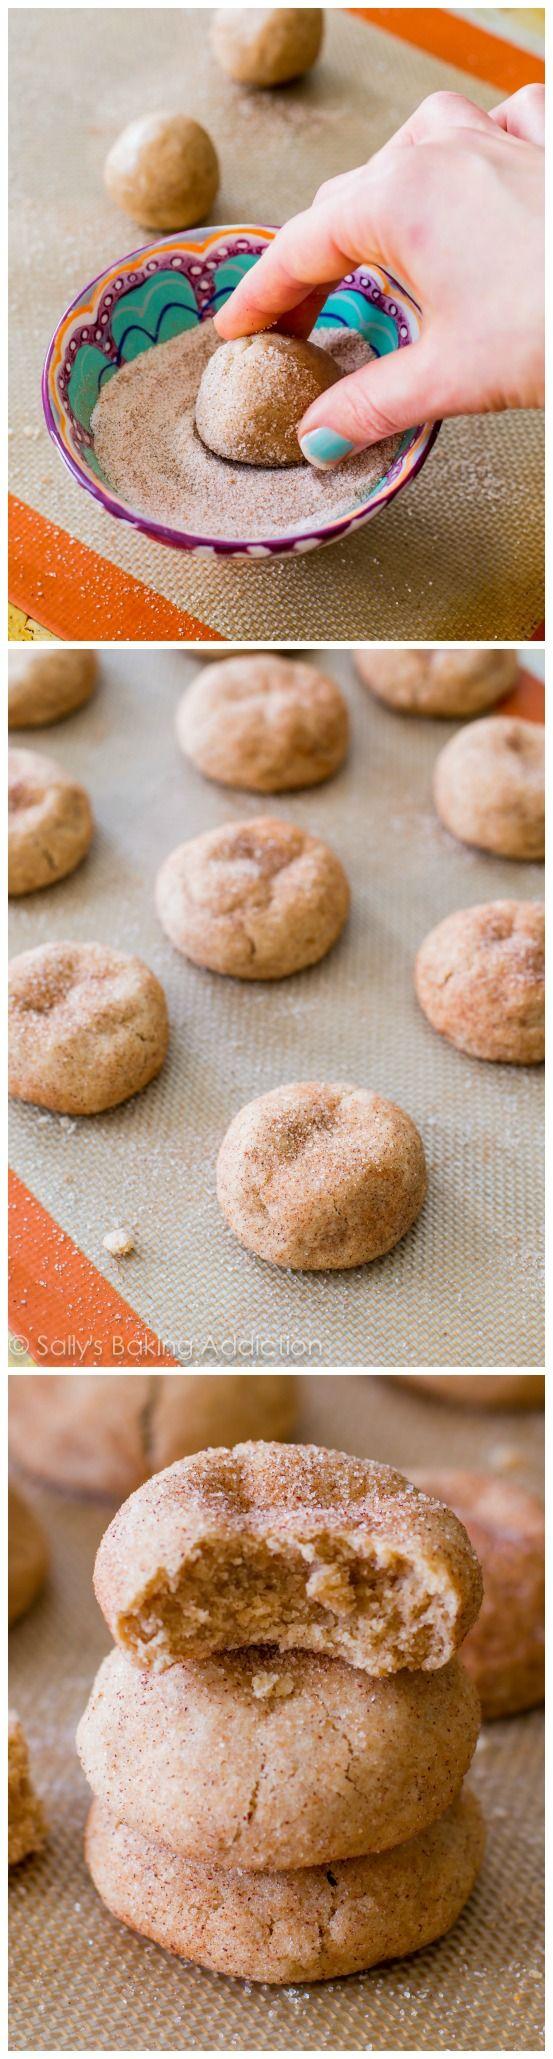 Los MEJORES Snickerdoodle Cookies - obtener la receta en sallysbakingaddiction.com